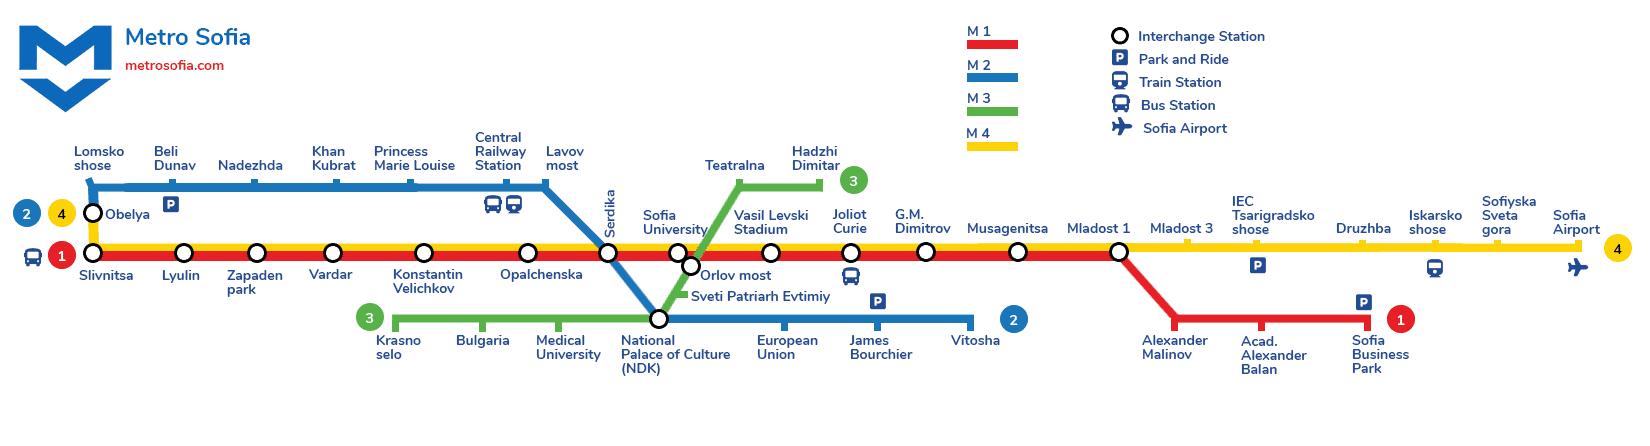 sofia metro map in english